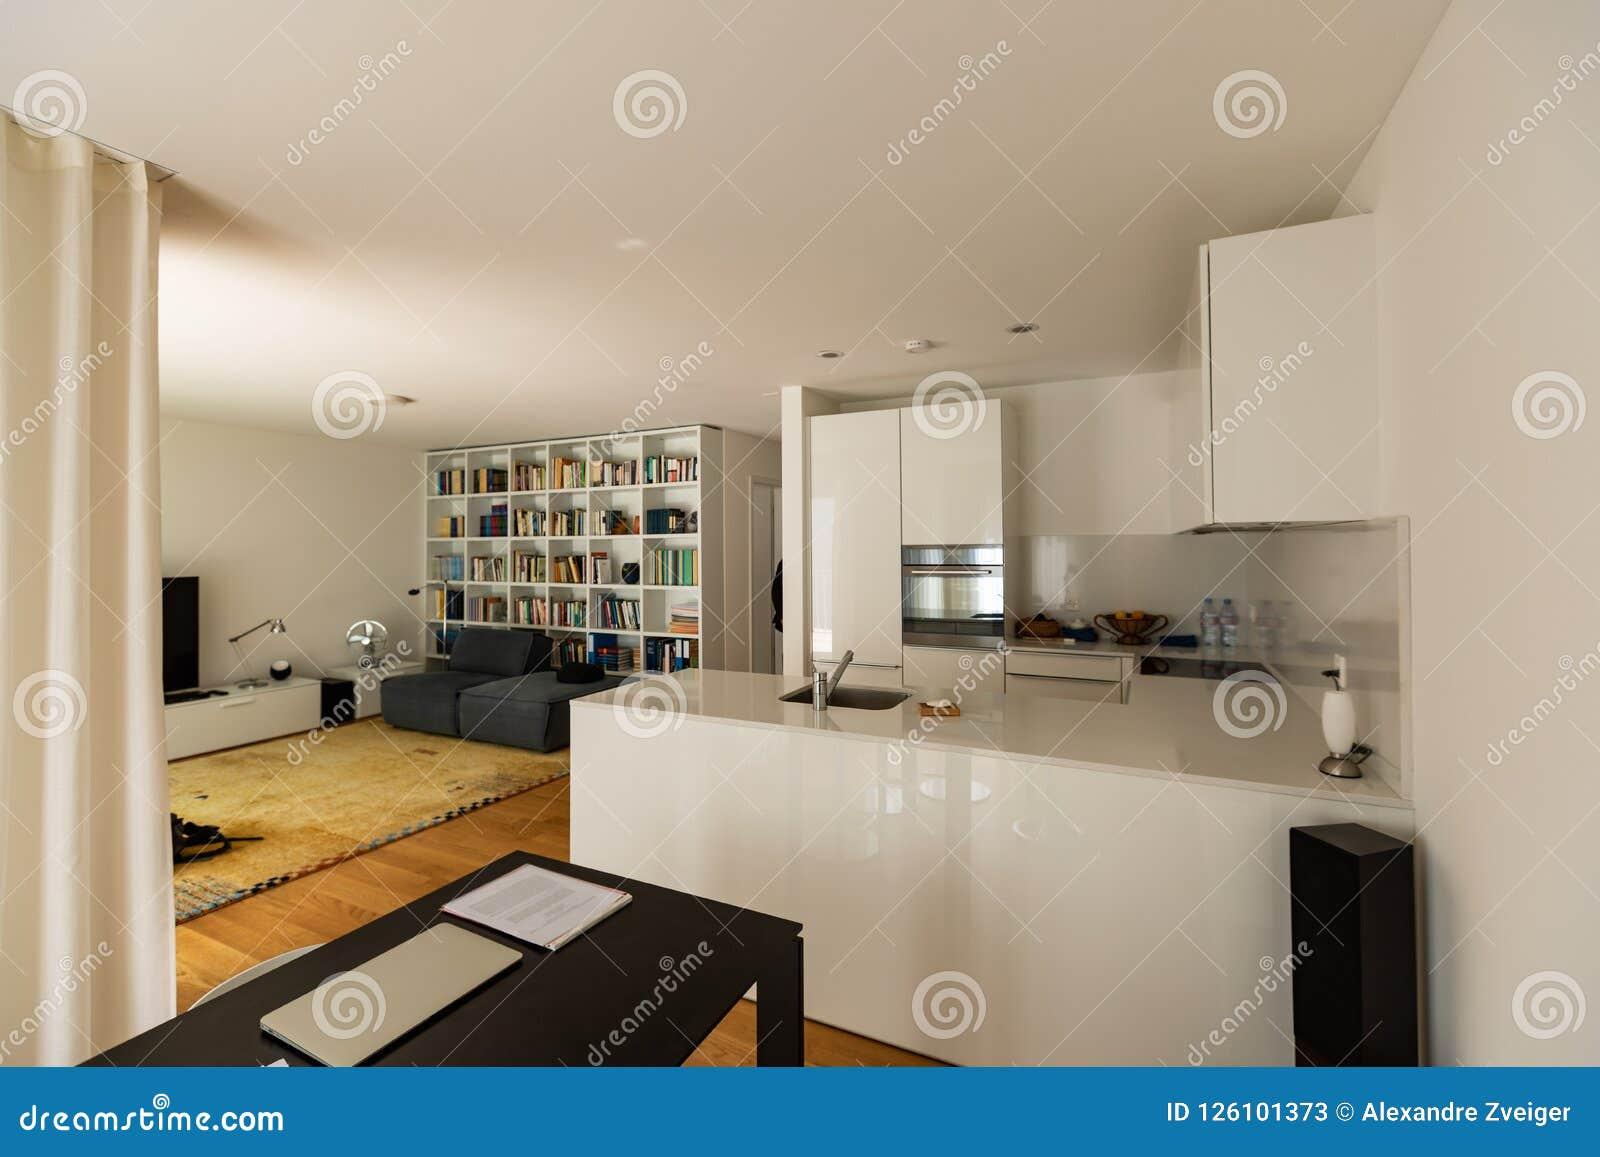 Keuken En Woonkamer Samen Grote Ruimte Stock Afbeelding Afbeelding Bestaande Uit Keuken Open 126101373